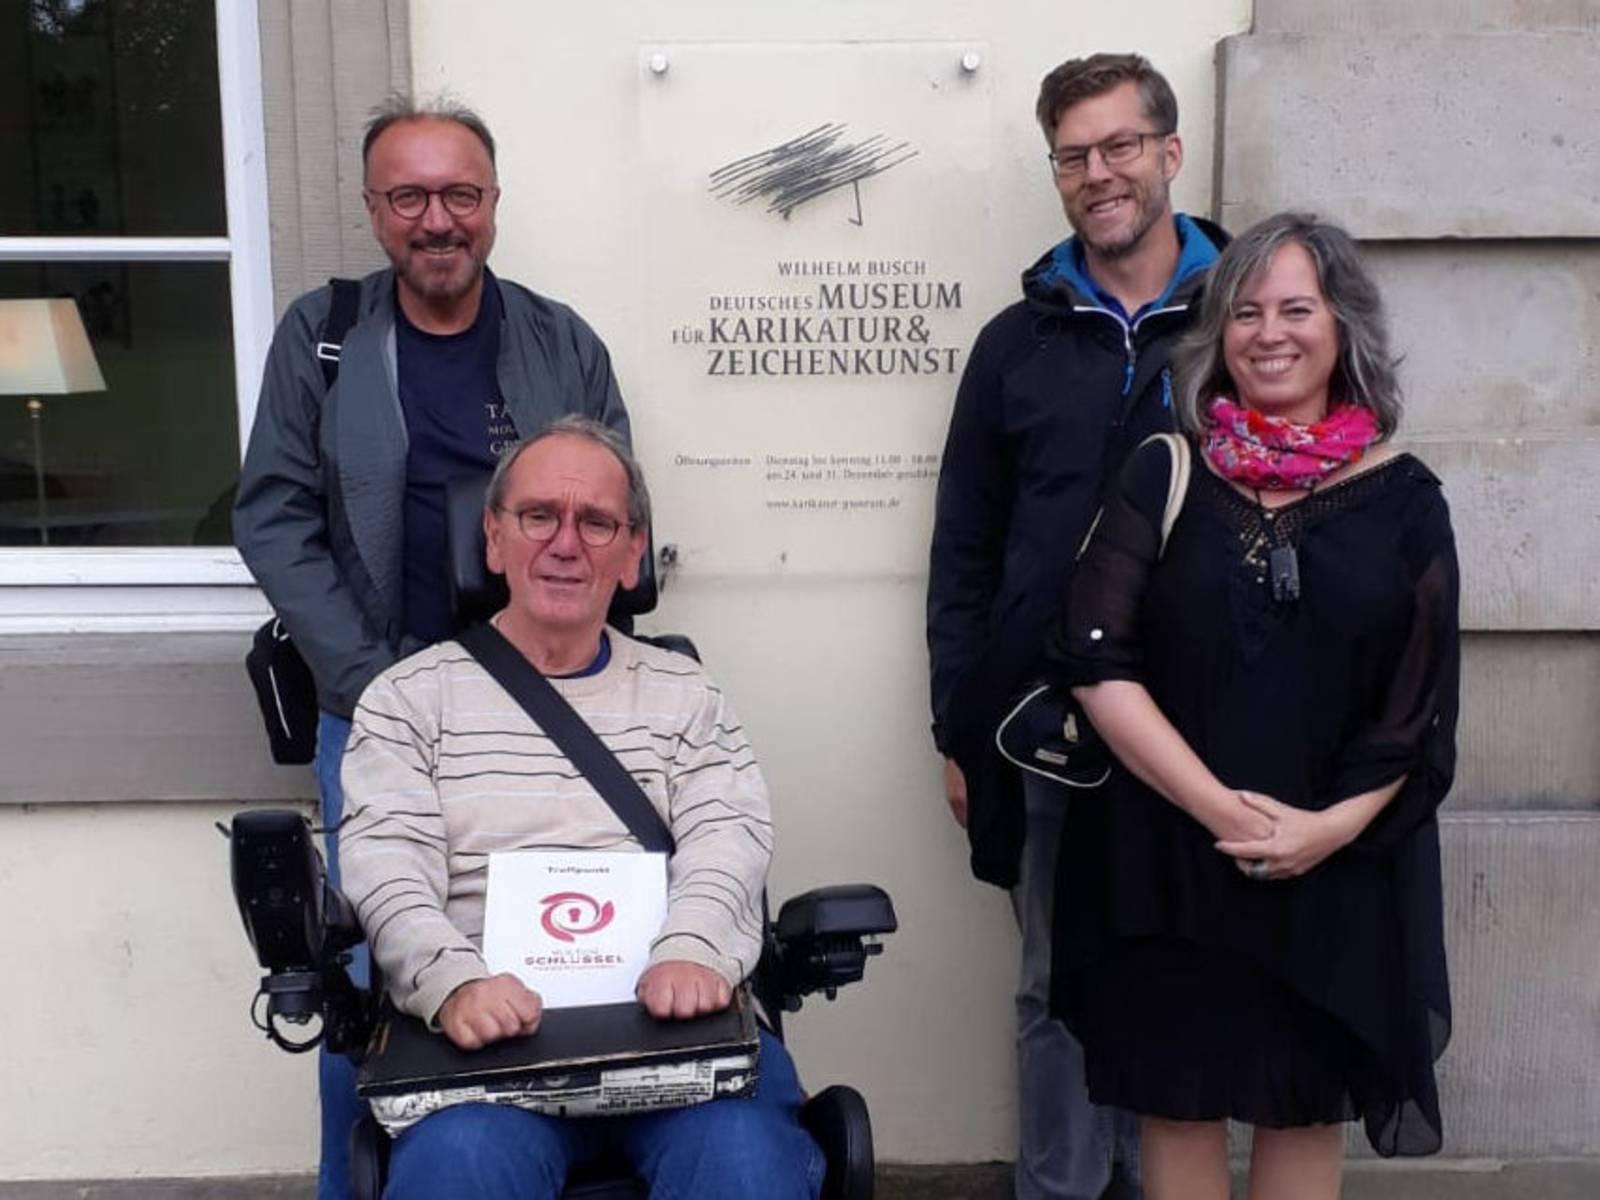 Drei Männer und eine Frau stehen vor einem Gebäude. Einer der Männer sitzt in einem Rollstuhl.